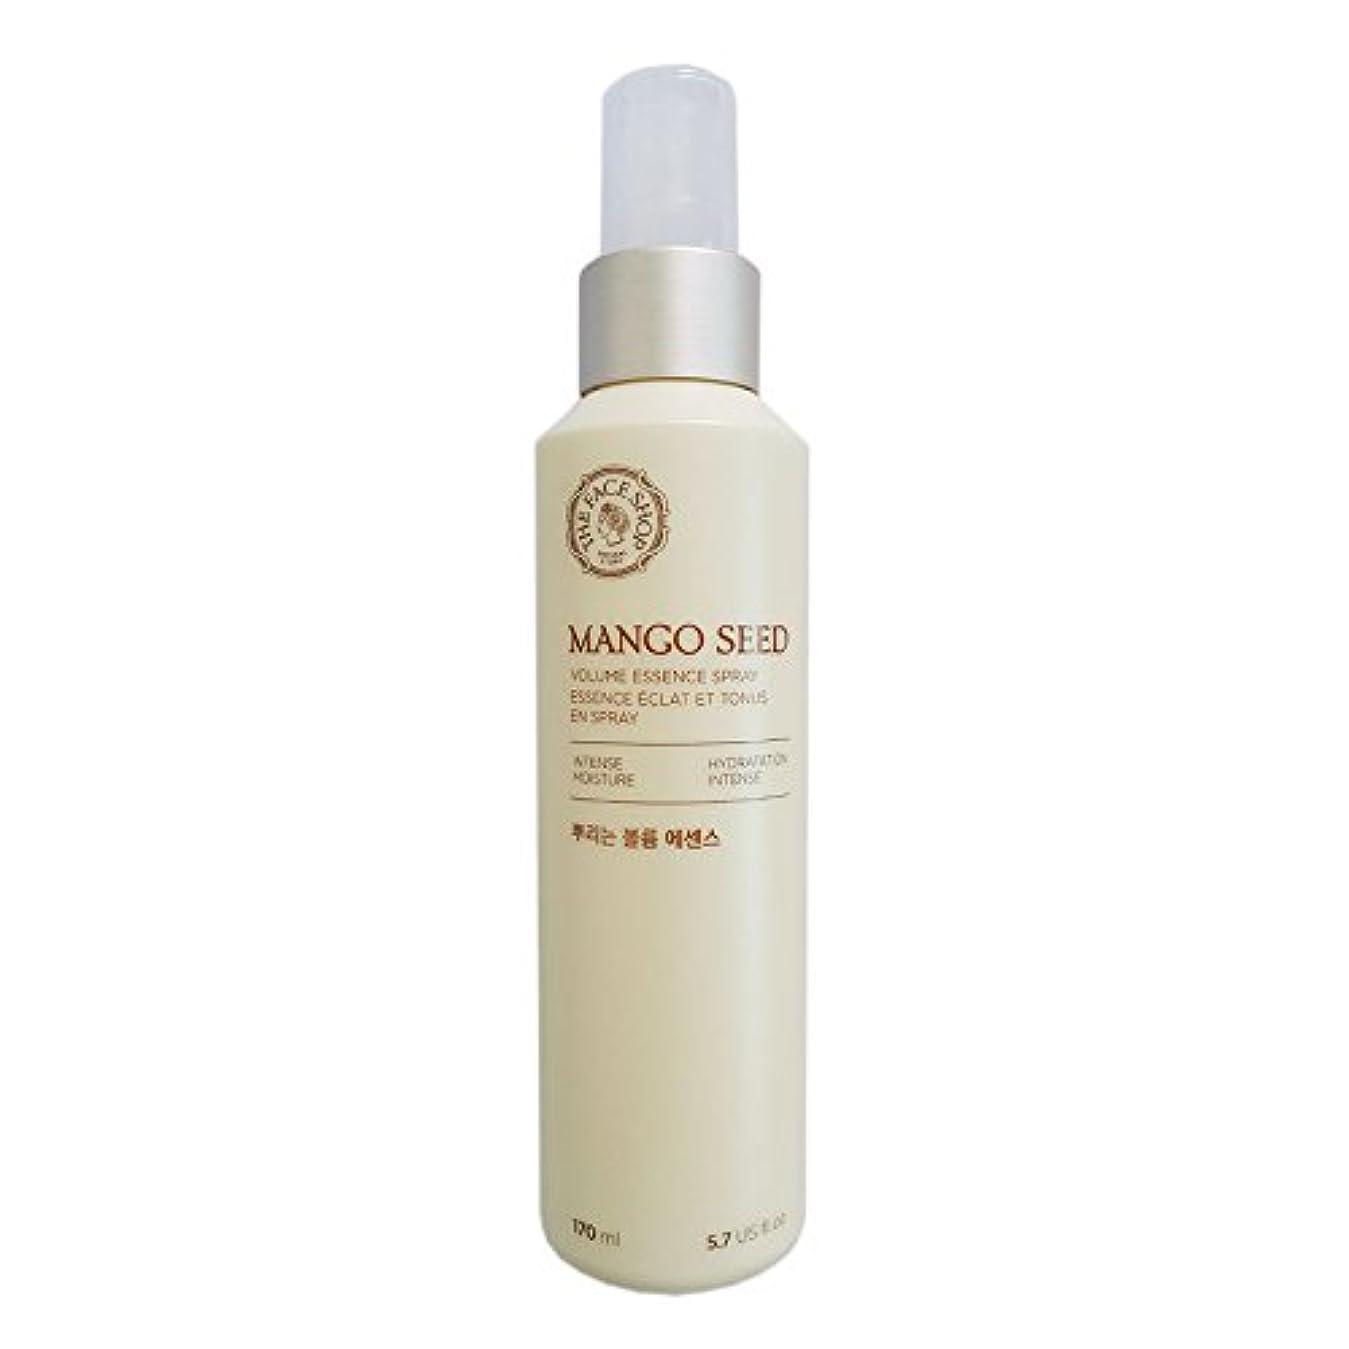 セール別のペストリー[ザフェイスショップ] THE FACE SHOP マンゴシードスプレーボリューム?エッセンス(170ml) The Face Shop Mango Seed Volume Essence Spray (170ml) [...